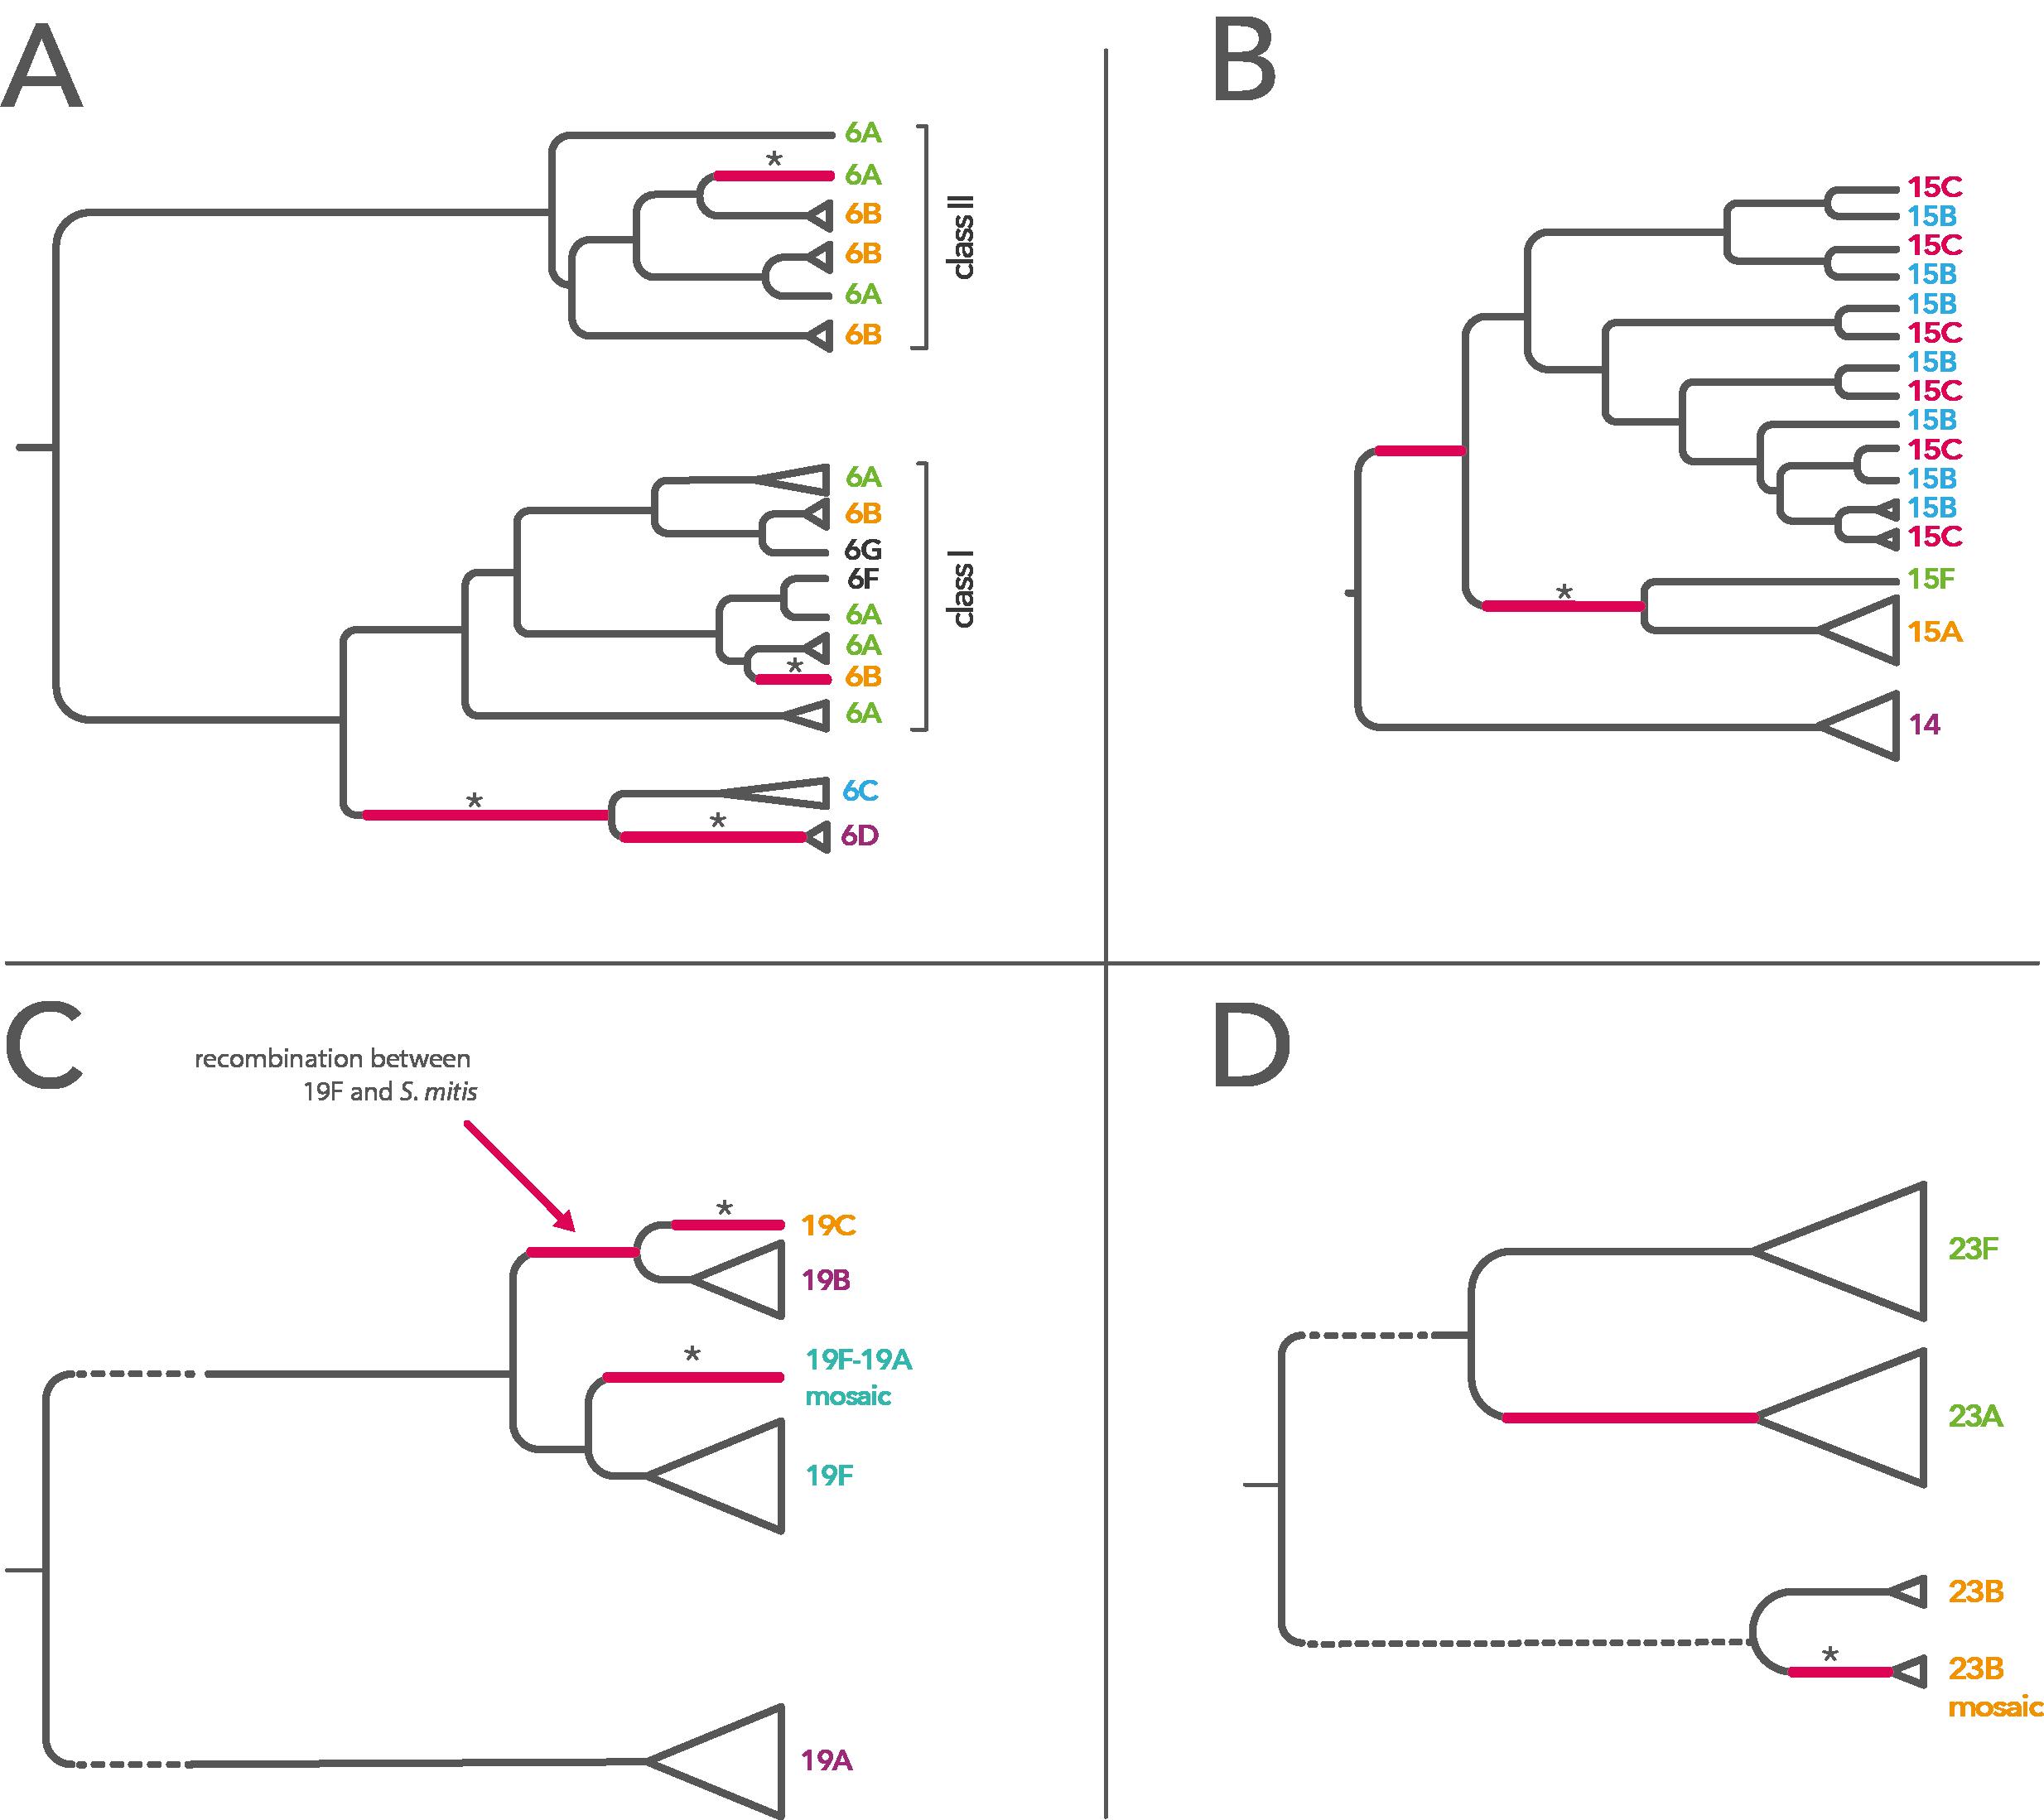 Summary of evolutionary history of serogroup 6 (A), serogroup 14/15 (B), serogroup 19 (C) and serogroup 23 (D). (From [1].)